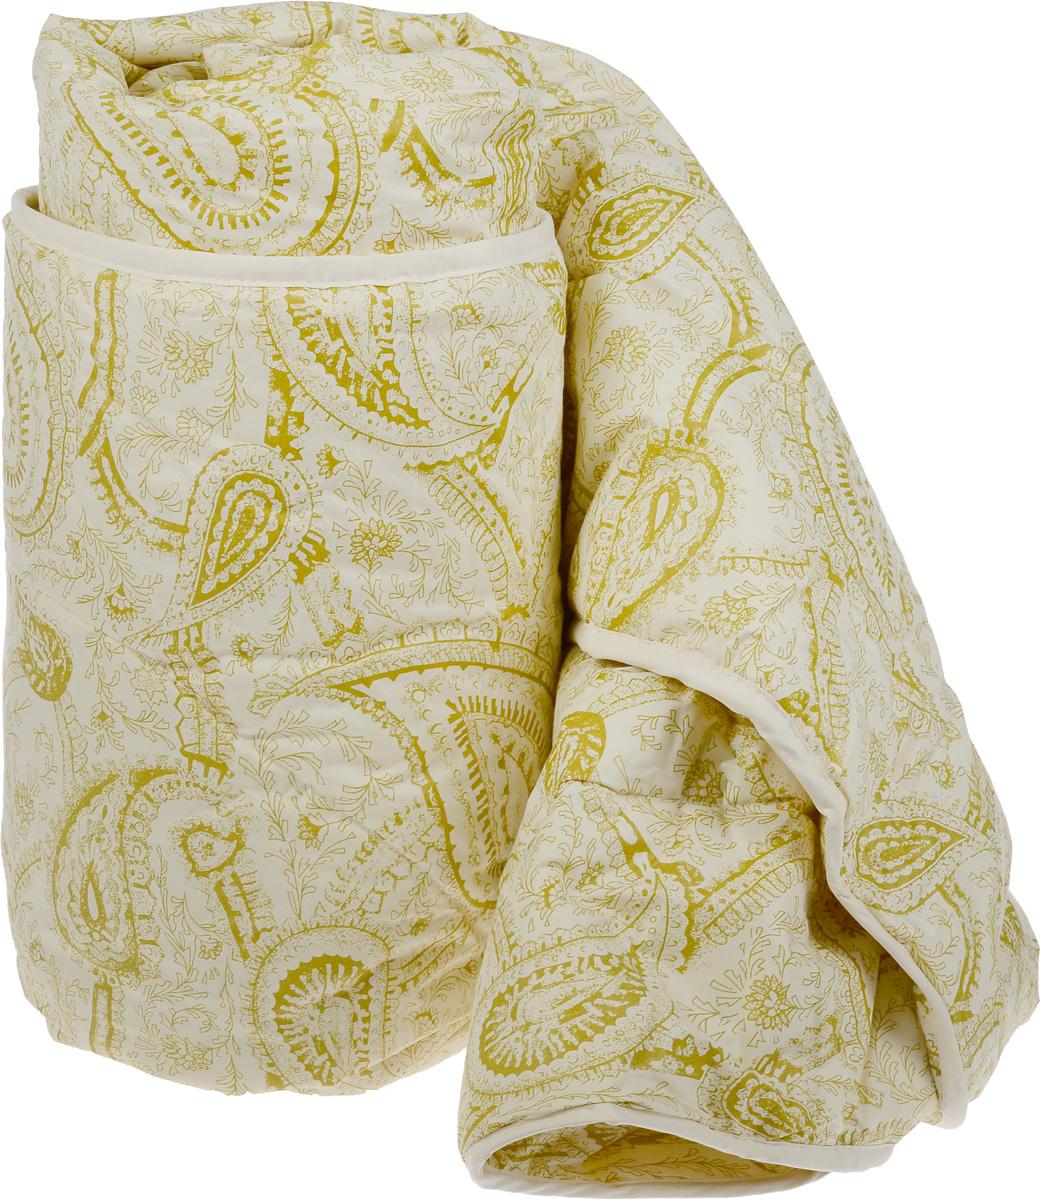 Одеяло Classic by Togas Пух в тике, наполнитель: лебяжий пух, 175 х 200 см. 20.04.12.007620.04.12.0076Одеяло Classic by Togas Пух в тике подарит комфортный и спокойный сон. Чехол одеяла выполнен из тика (100% хлопок), а наполнитель - синтетическое микроволокно лебяжий пух. Одеяло имеет классический крой, скругленные углы, кант и стежку, которая равномерно распределяет наполнитель внутри. Благодаря непревзойденным пуходержащим свойствам тика вы ощутите идеальный комфорт. Эта пухосдерживающая ткань прочнейшего саржевого или полотняного переплетения имеет специальную пропитку, которая не дает даже мельчайшим волокнам наполнителя проникать сквозь ткань. Тик превосходно пропускает воздух, впитывает влагу, оставаясь при этом сухим на ощупь. Тиковая ткань мягкая, нежная и не раздражает кожу, но при этом очень практичная и прочная. Микроволокно, которым наполнено одеяло, очень схоже с натуральным лебяжьим пухом - оно такое же мягкое, нежное и упругое. При этом микроволокно очень прочно и долговечно, гипоаллергенно и мгновенно восстанавливает ...